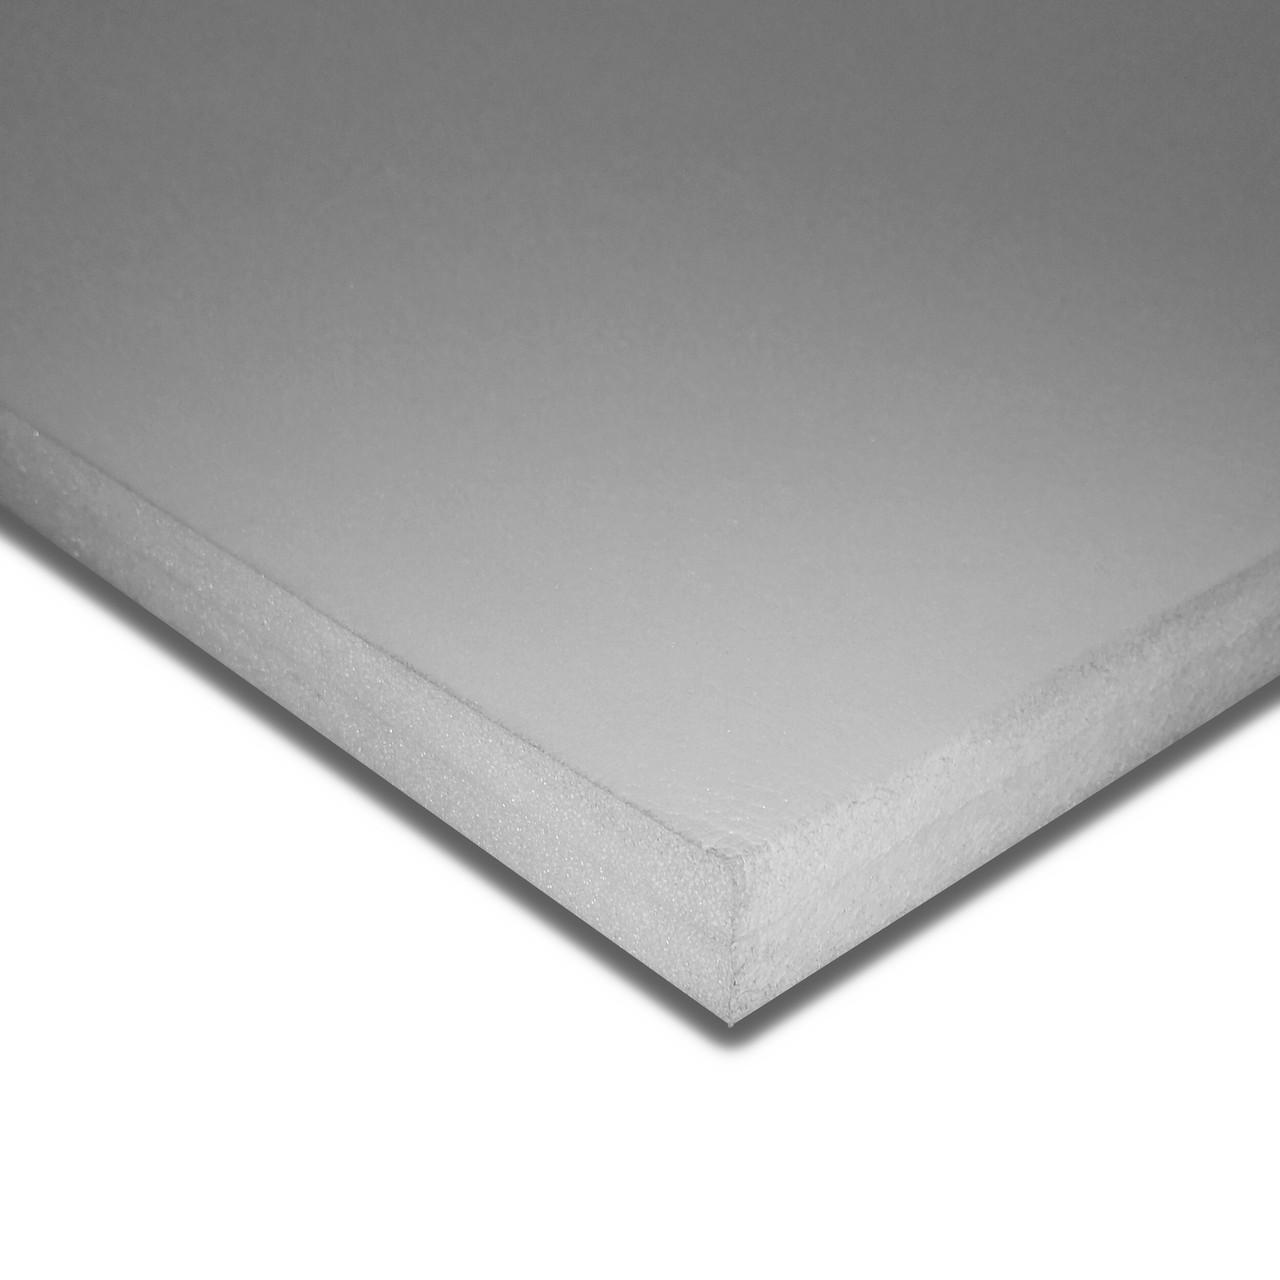 Физически сшитый полиэтилен листовой 15 мм